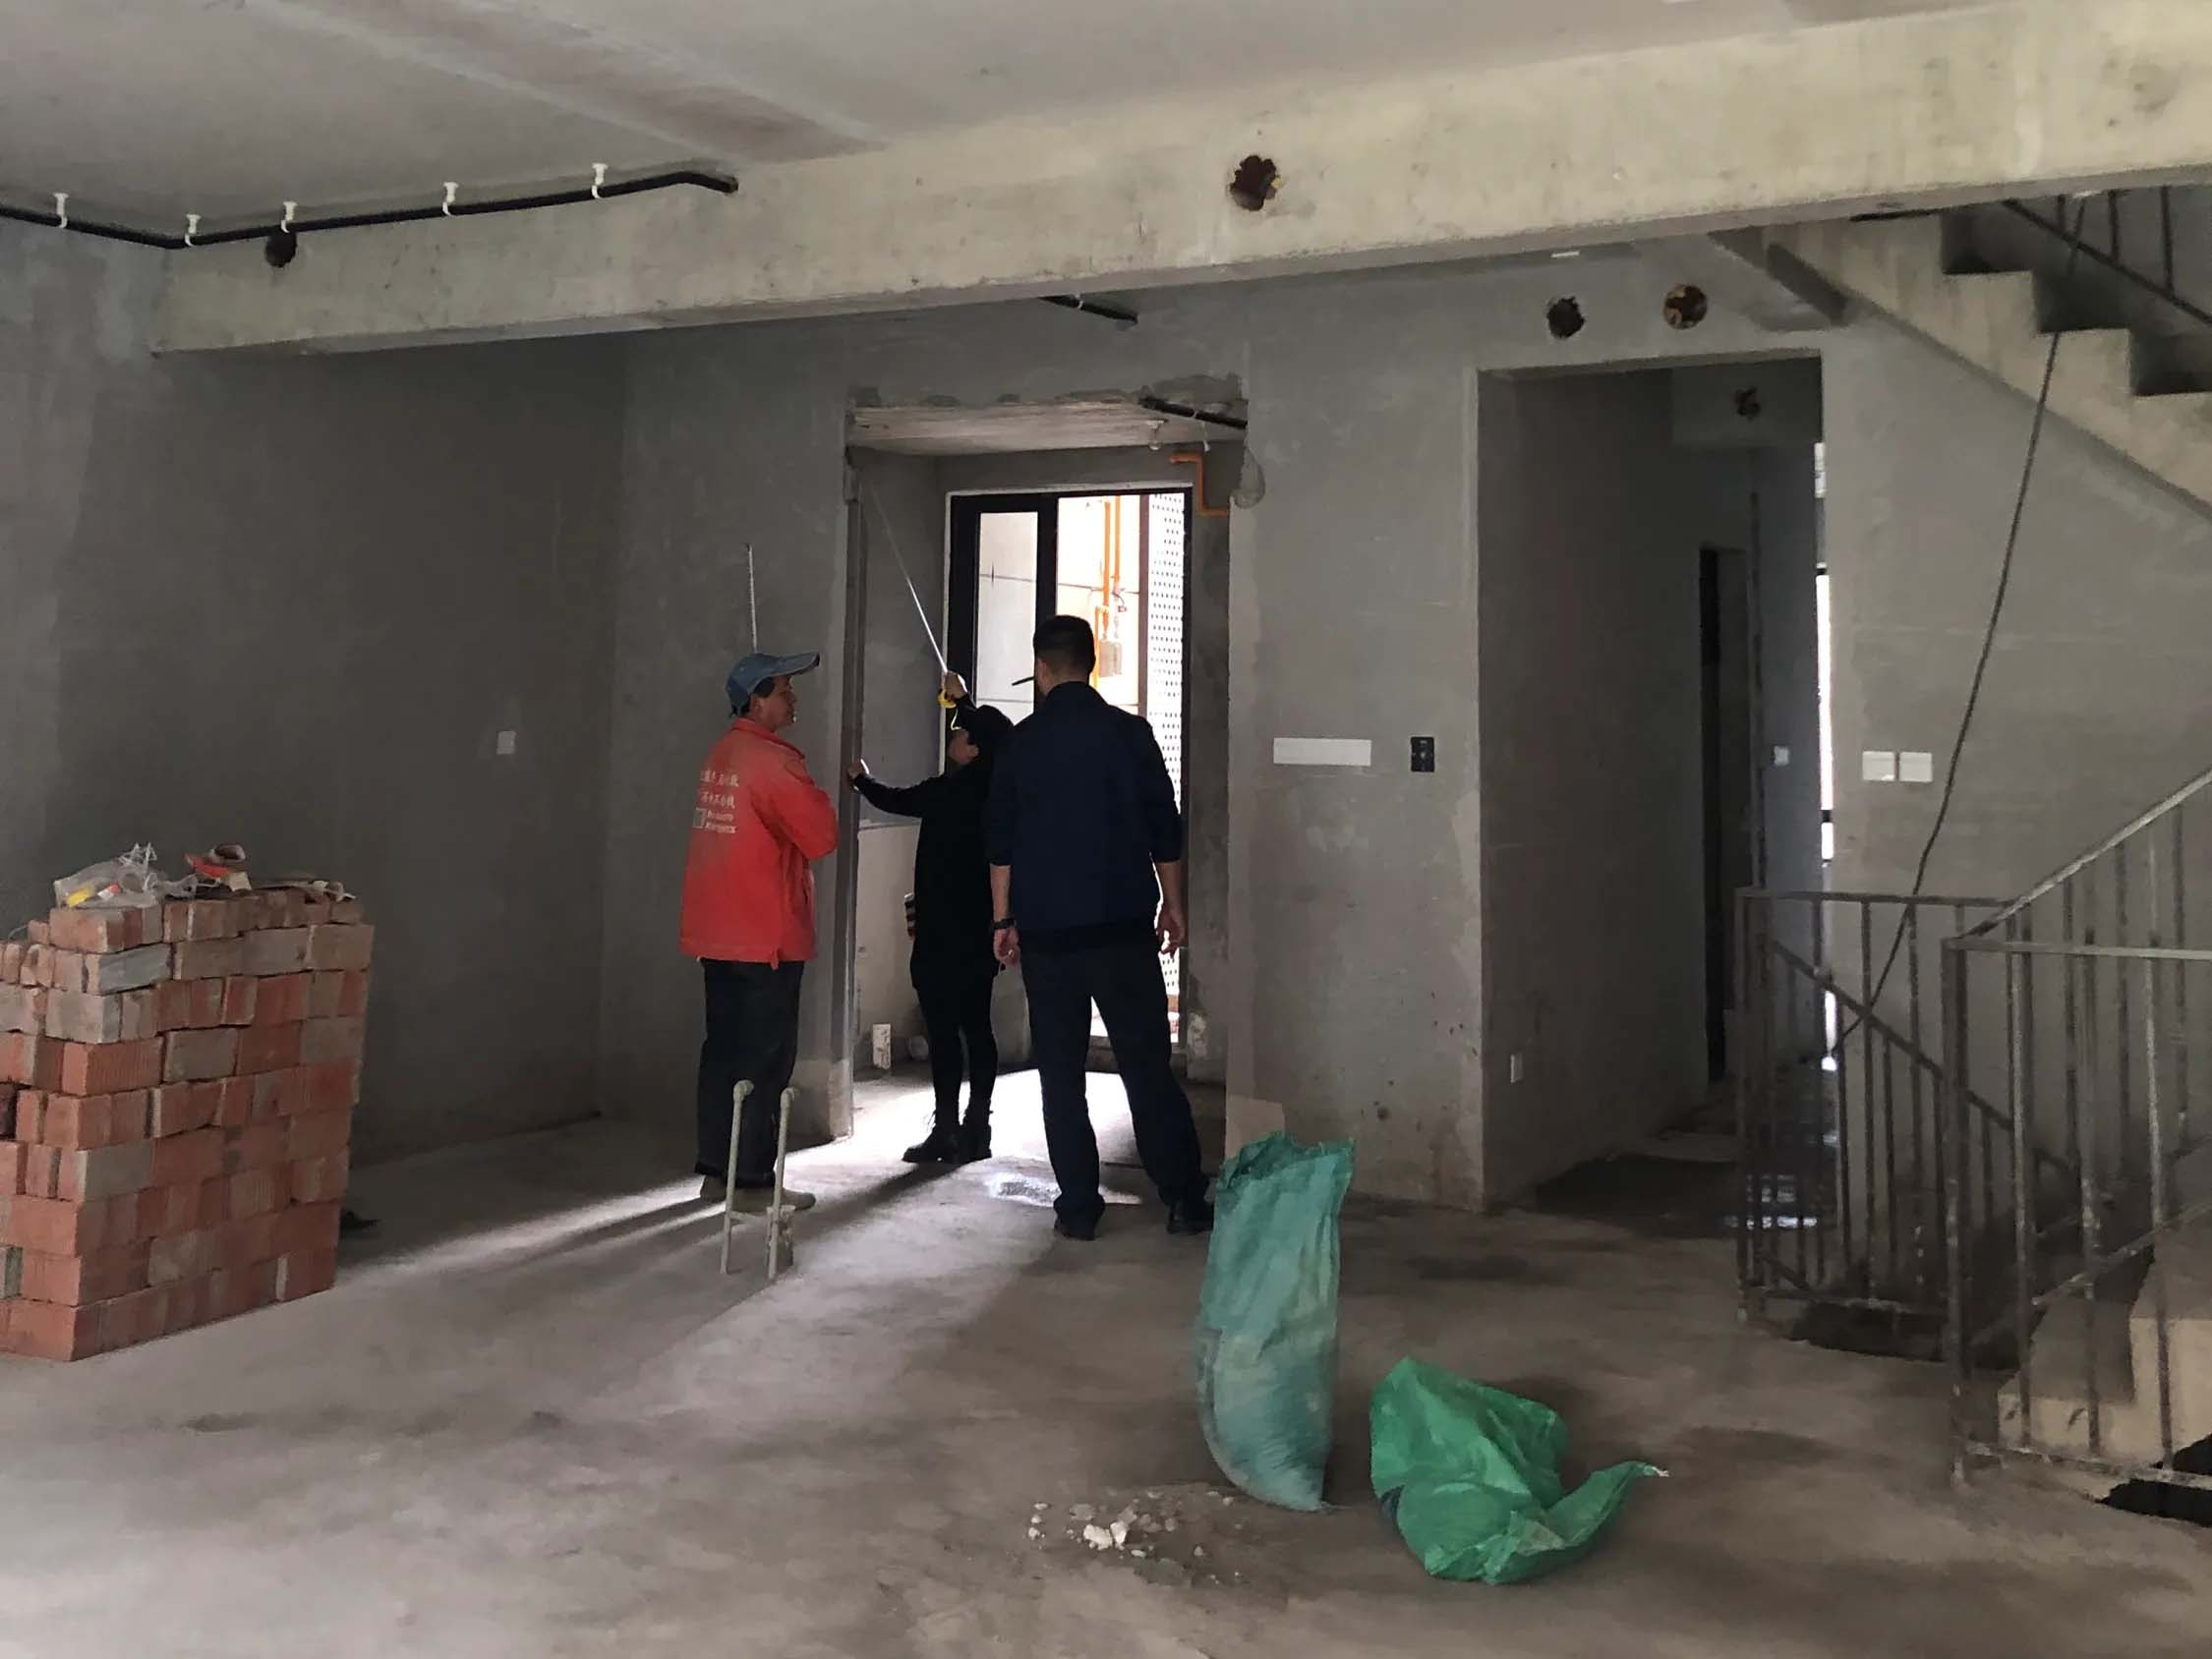 成都装修工地万科保利翡翠和悦,墙体打拆结束